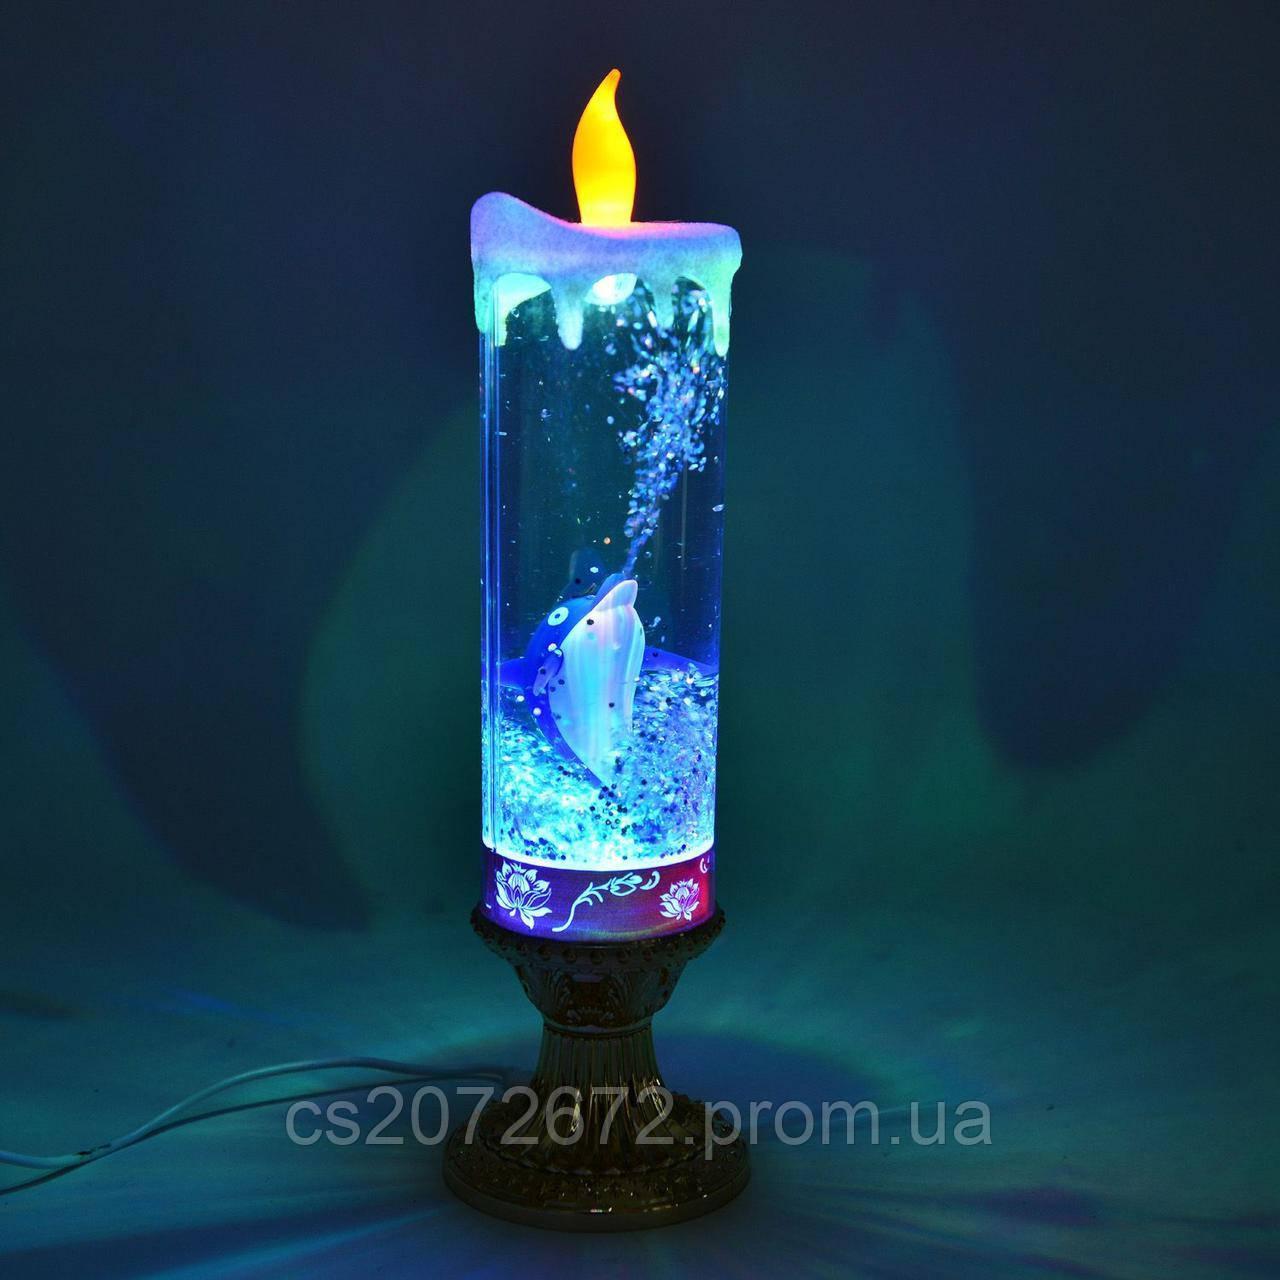 """Свеча """"дельфин"""" светодиодная колба стеклянная 27,5см с блестками внутри, на батарейках, usb-шнур"""